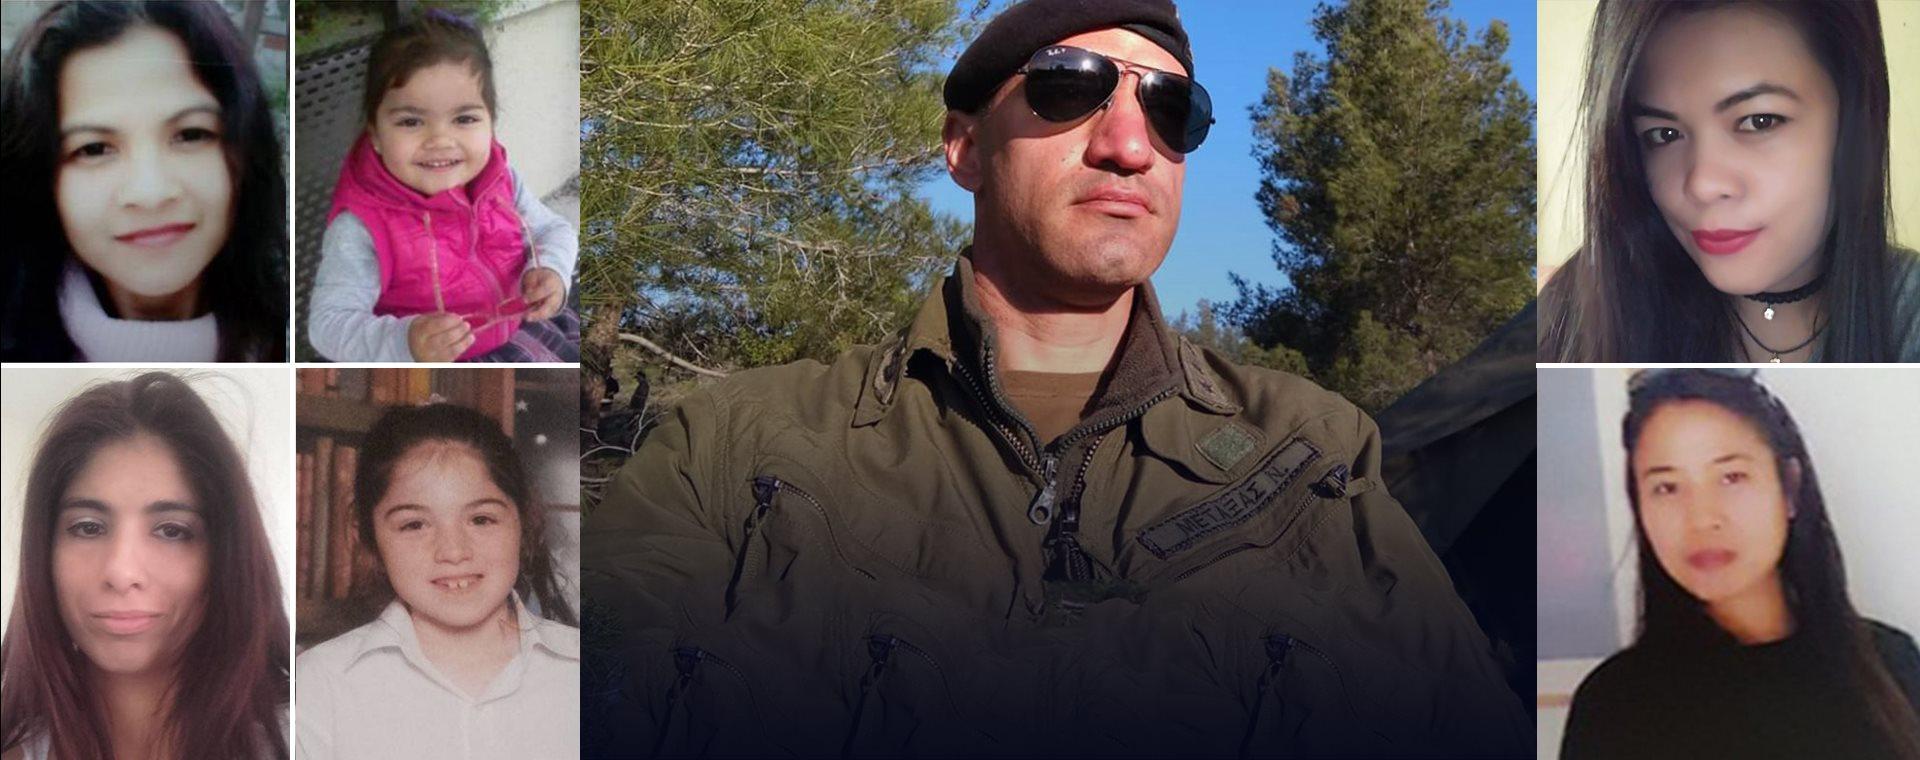 50b96d8335 Serial killer στην Κύπρο  Έρευνες στην Κόκκινη Λίμνη για 3 θύματα του